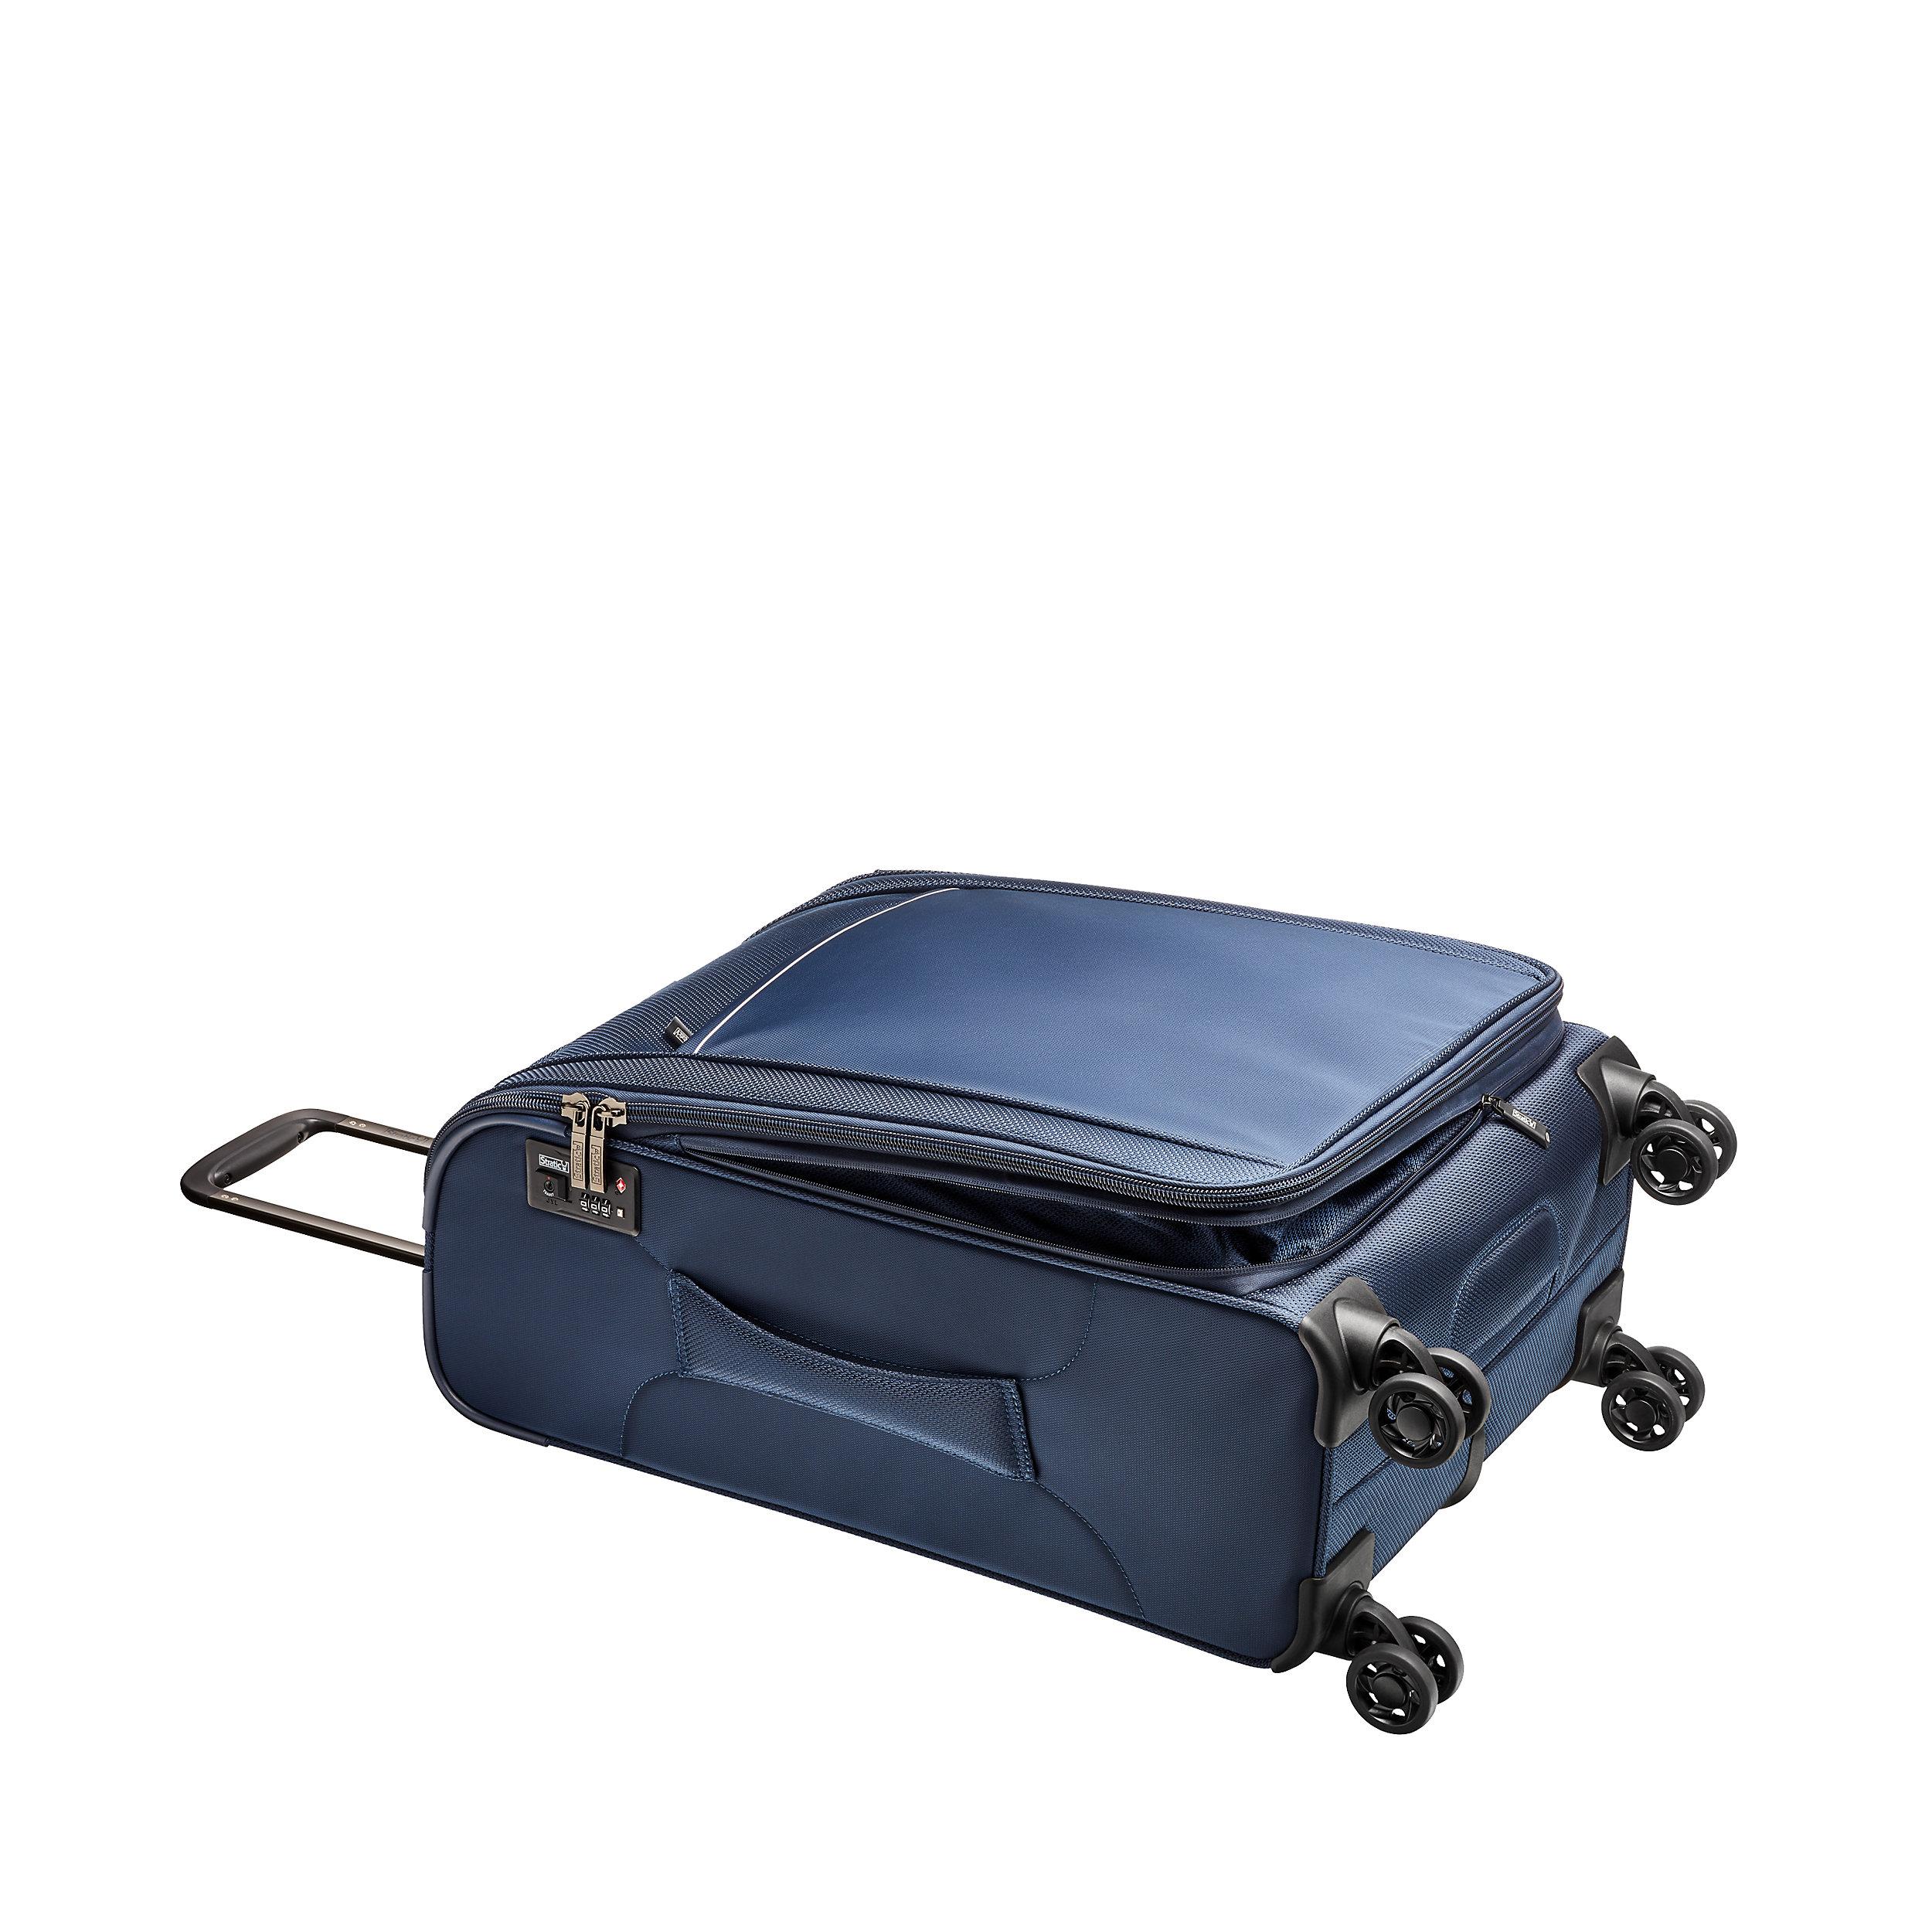 Trolley mit 4 Rollen 83 cm Erweiterbar Unbeatable 4 L 102 Liter